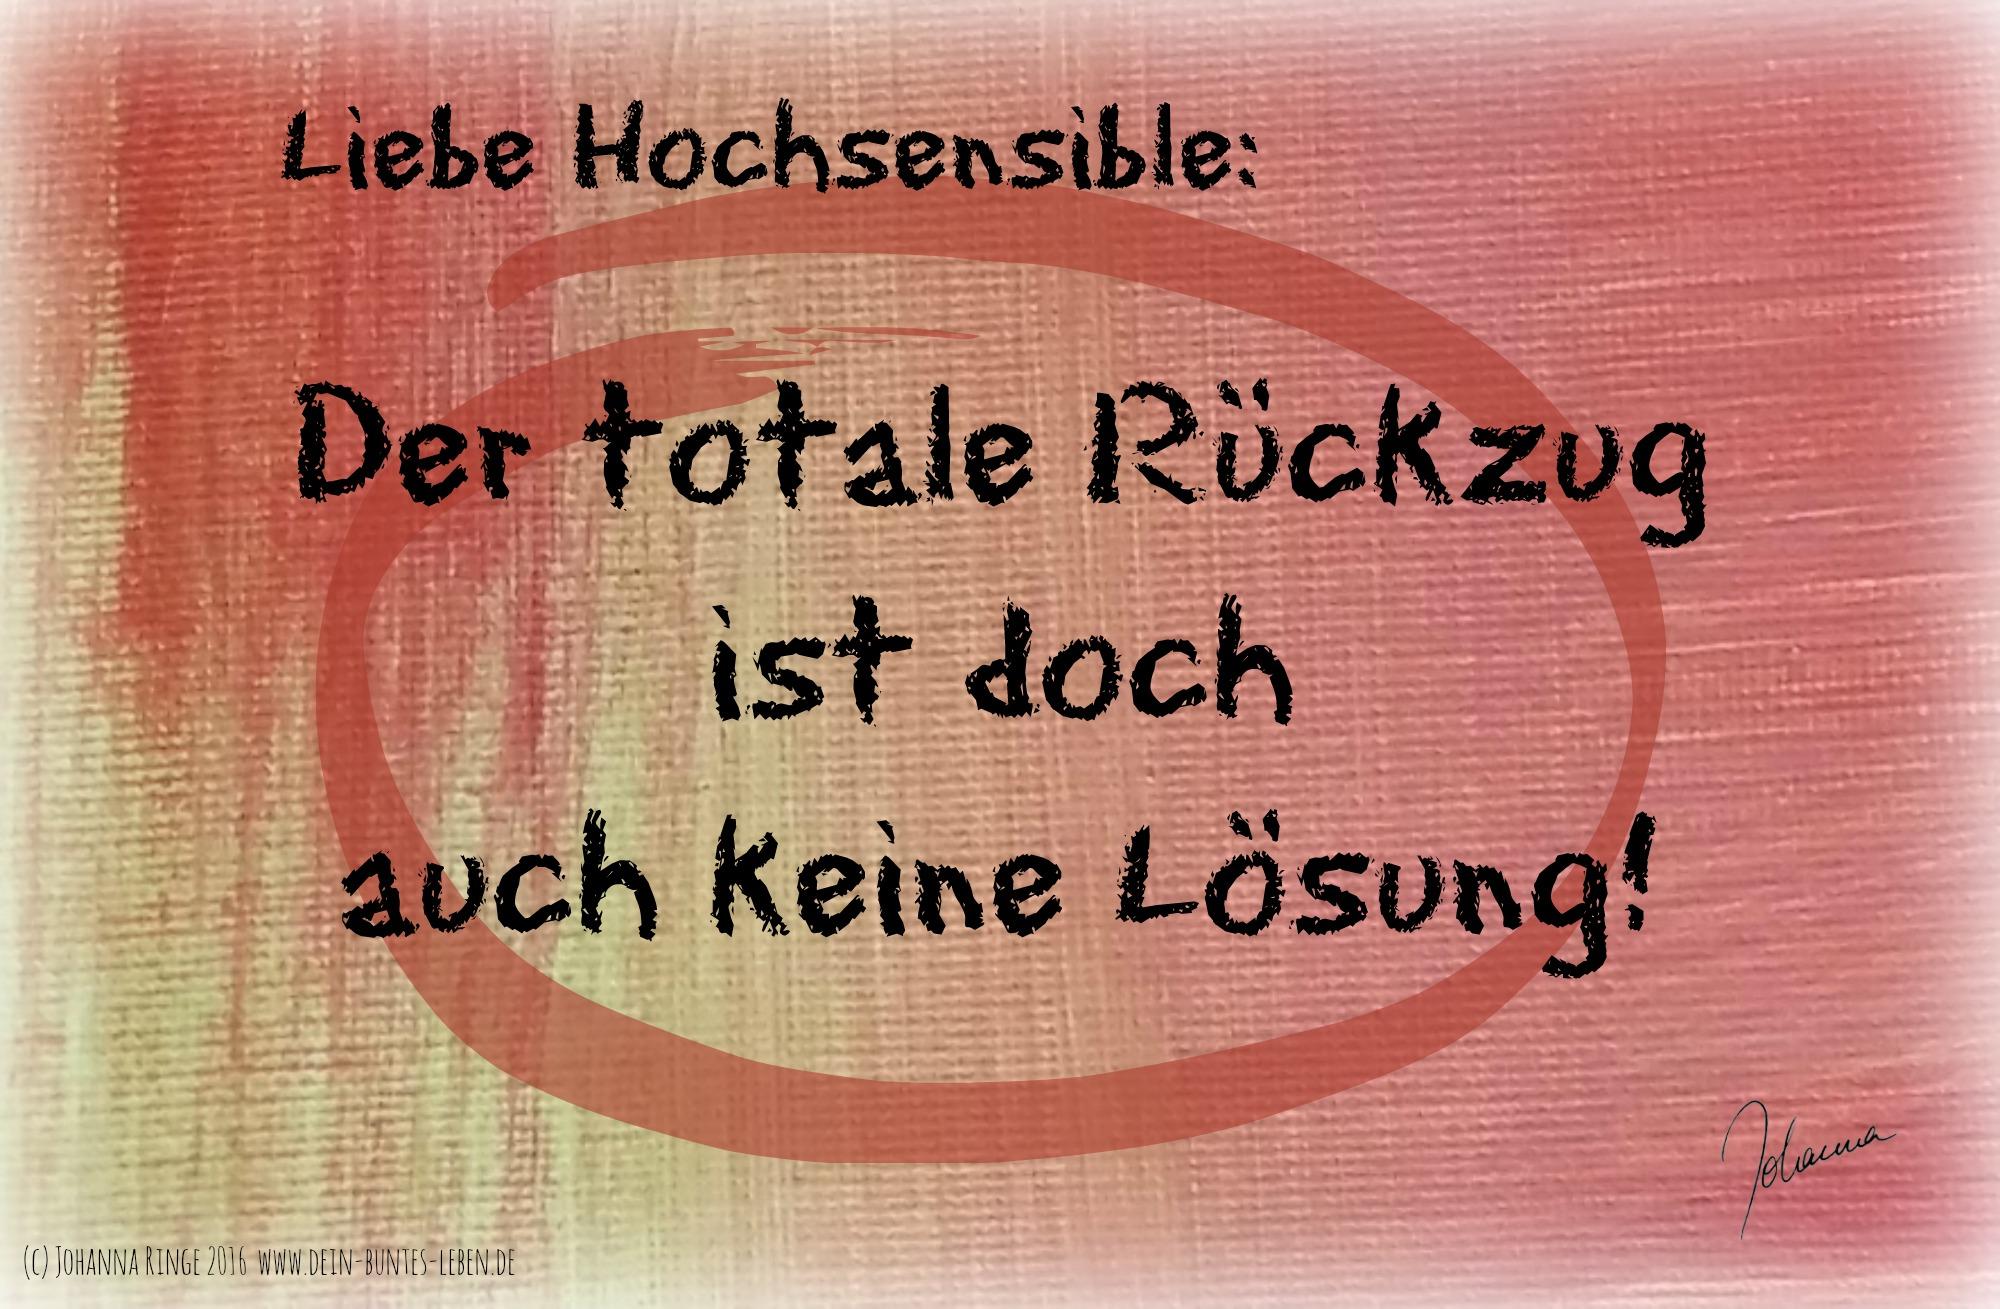 Totaler Rueckzug ist keine Lösung für Hochsensible! (c)Johanna Ringe 2016 www.dein-buntes-leben.de